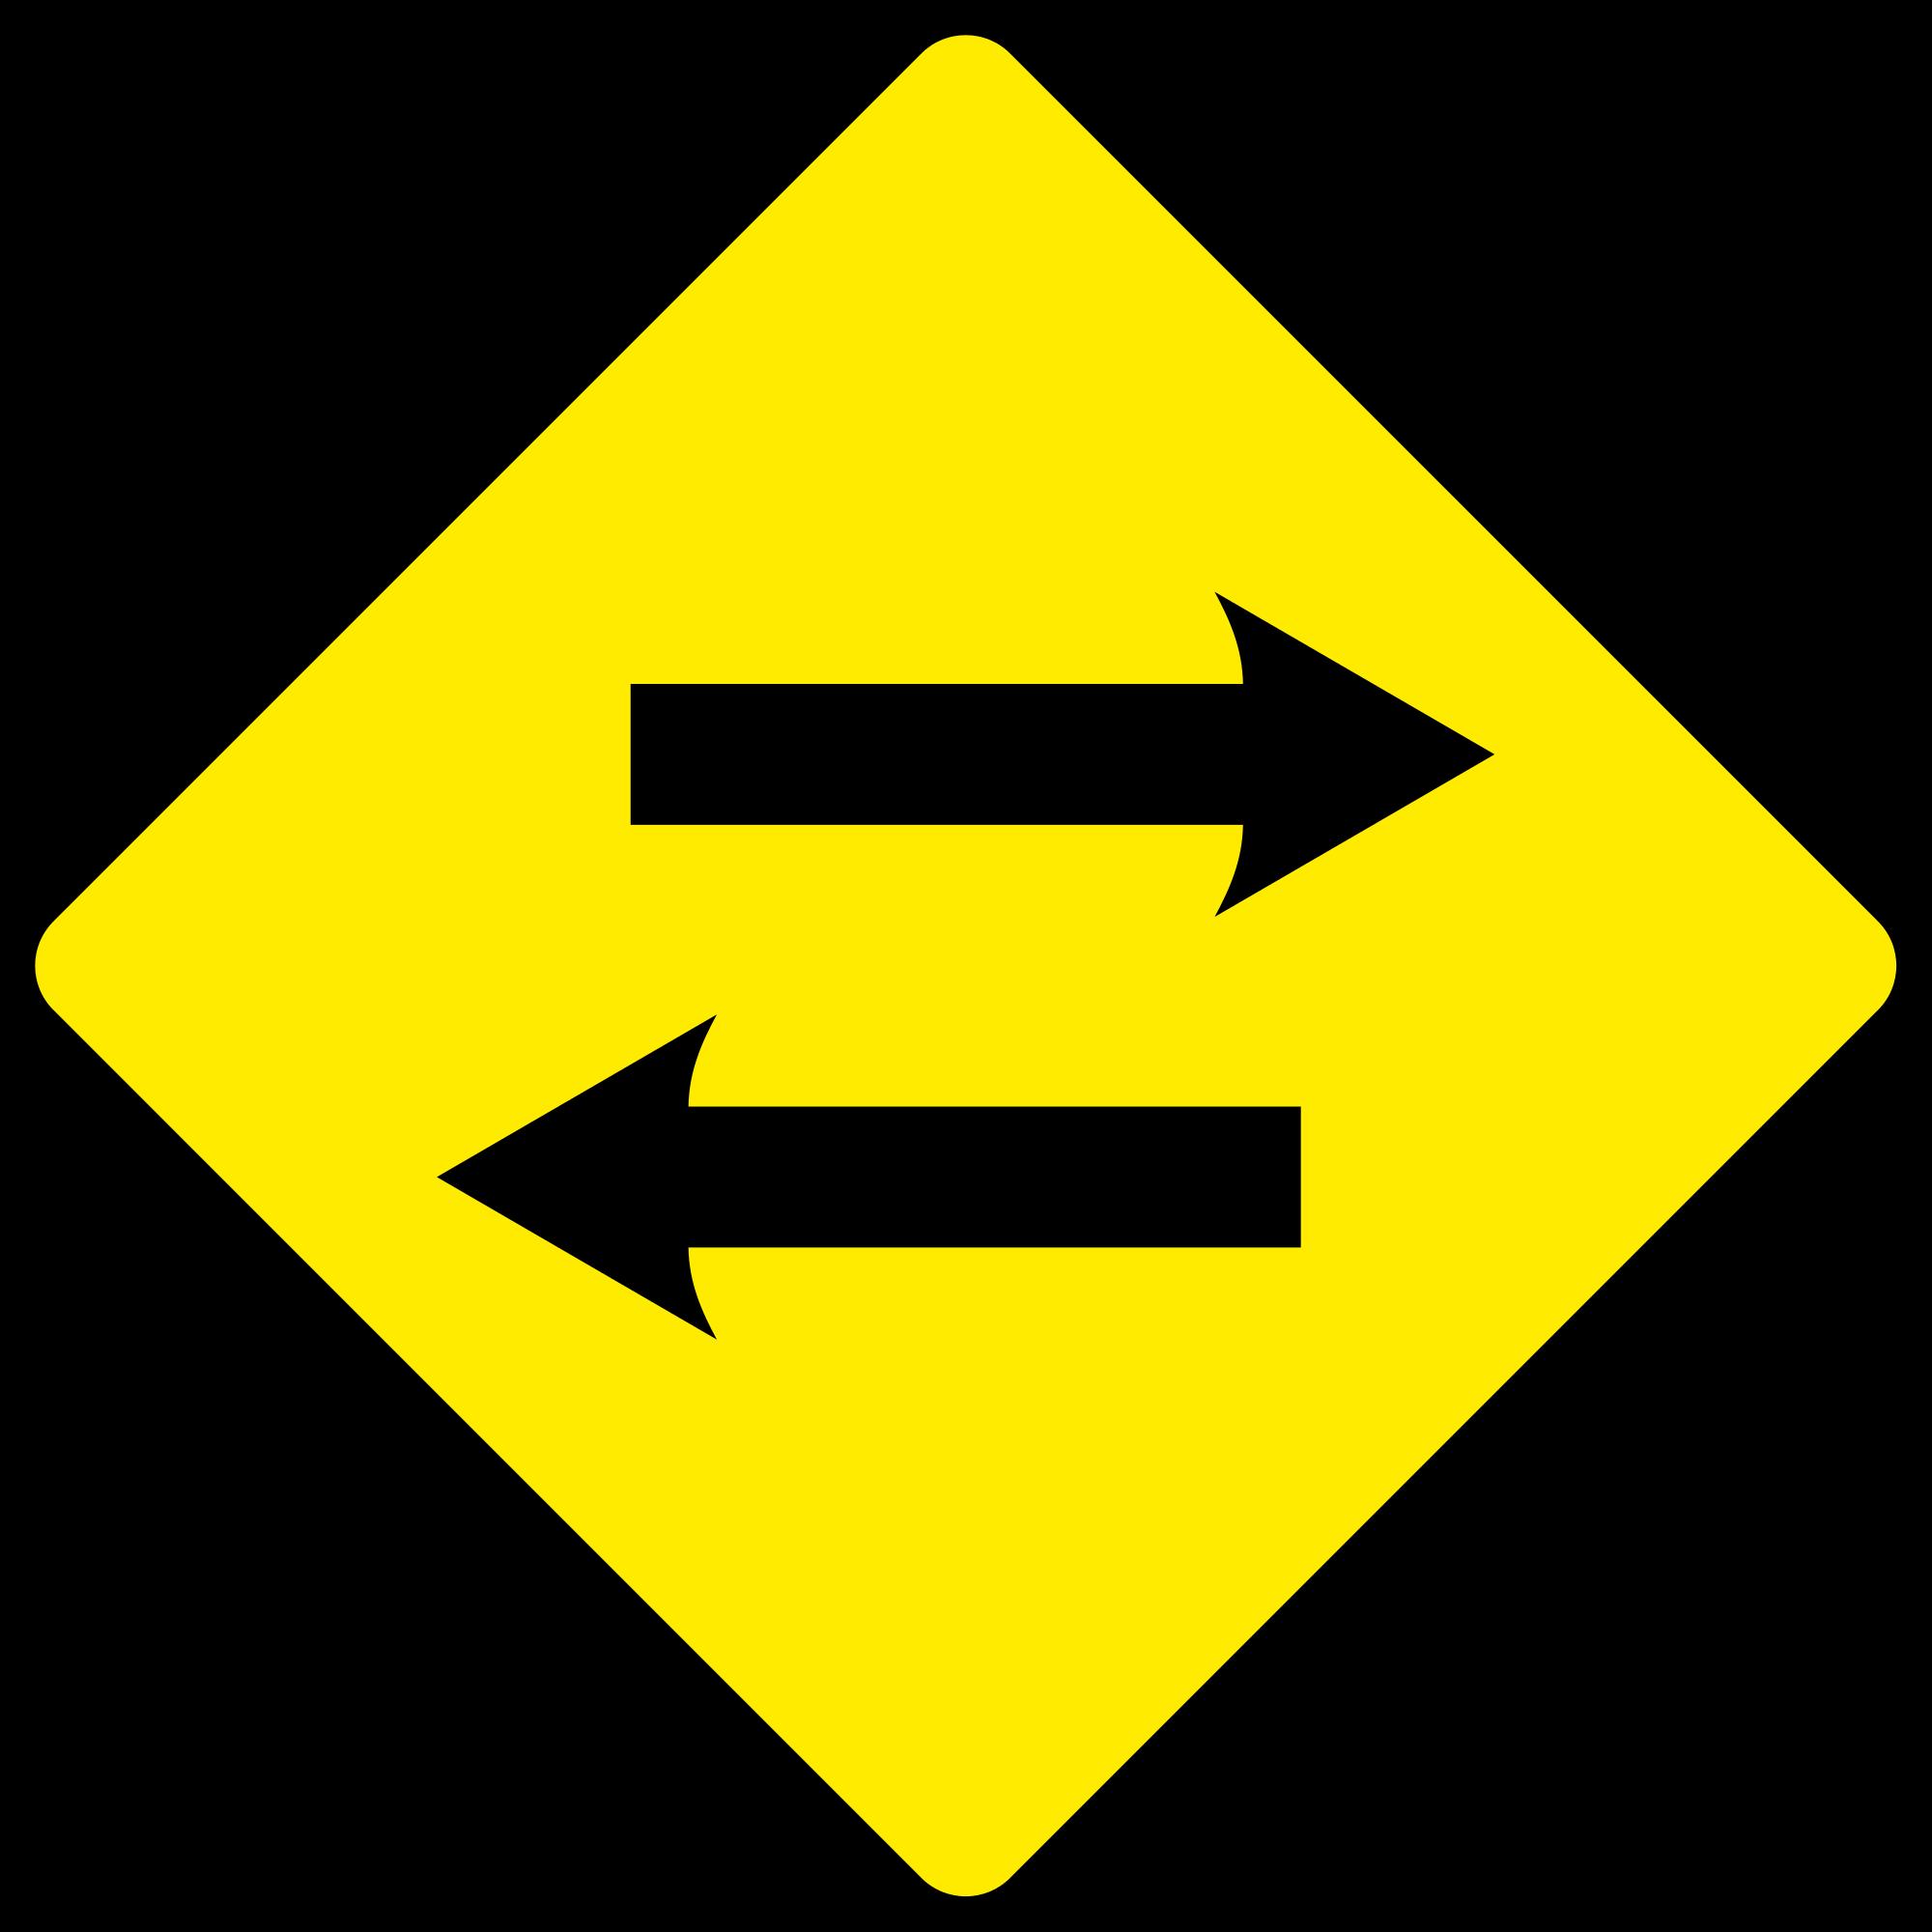 Sign arrow png excellent. Clipart road curving